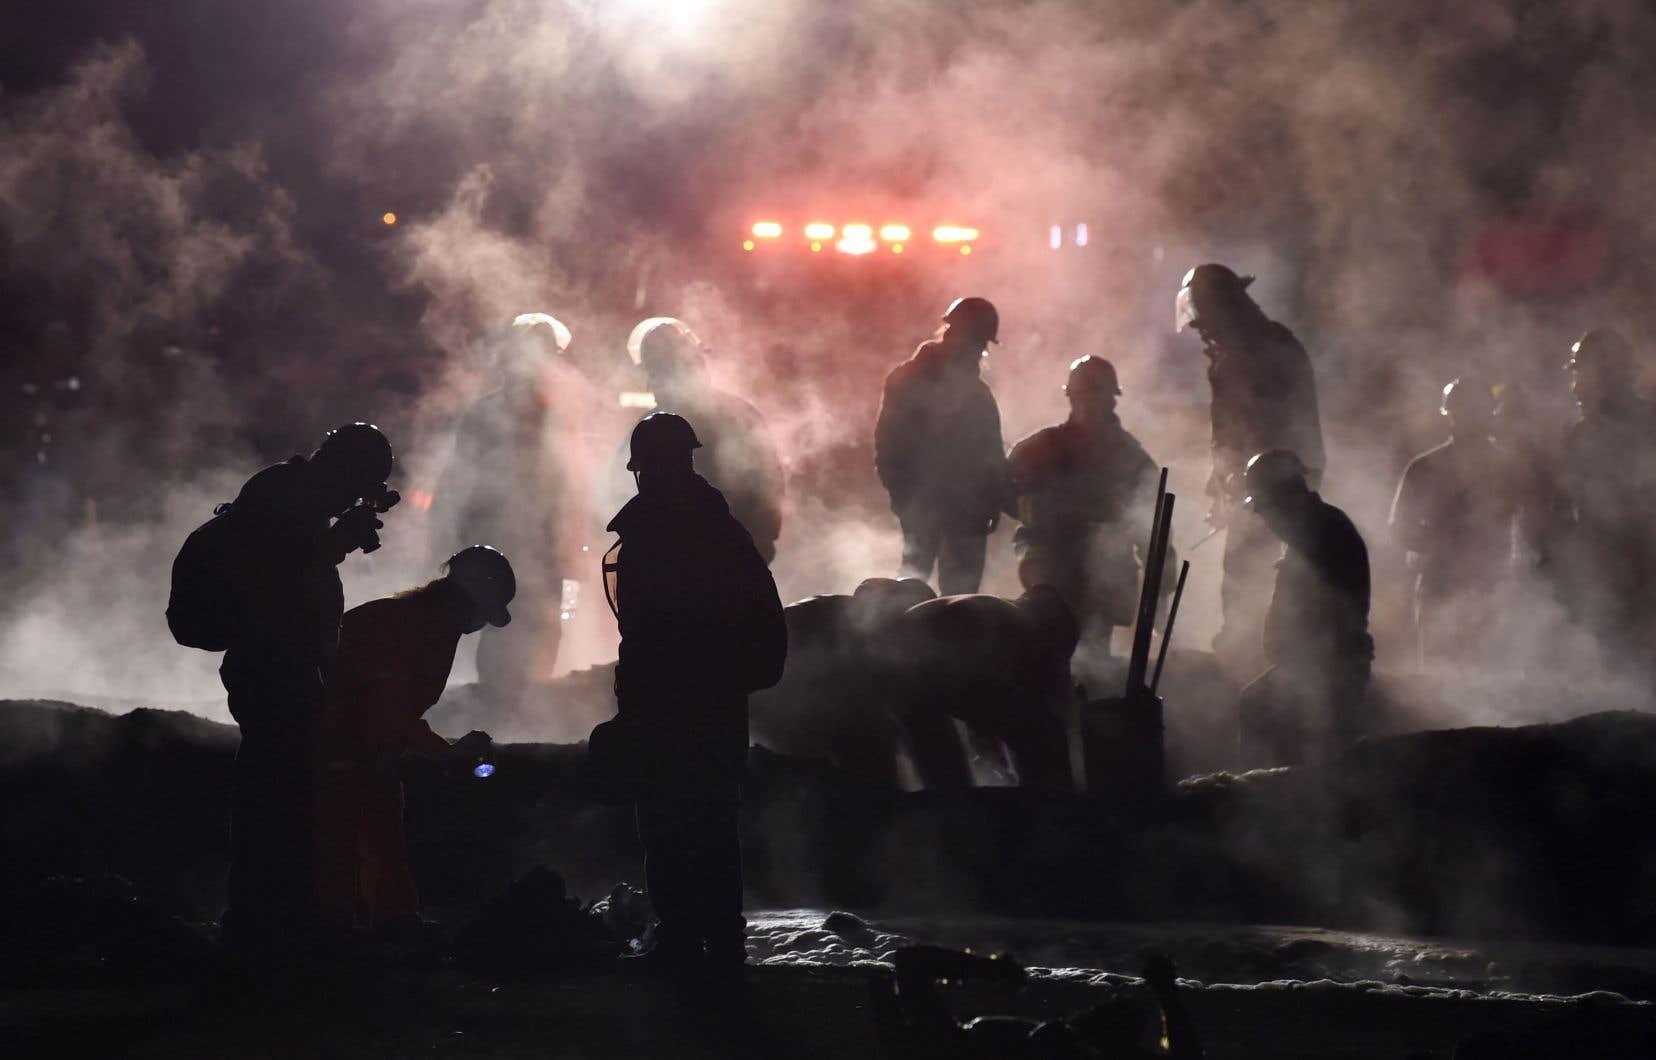 Des pompiers éteignent les dernières flammes qui ont décimé les corps des victimes brûlées par un incendie majeur d'un oléoduc à Tlahuelilpan, dans l'État d'Hidalgo, au Mexique, le 19 janvier 2019.